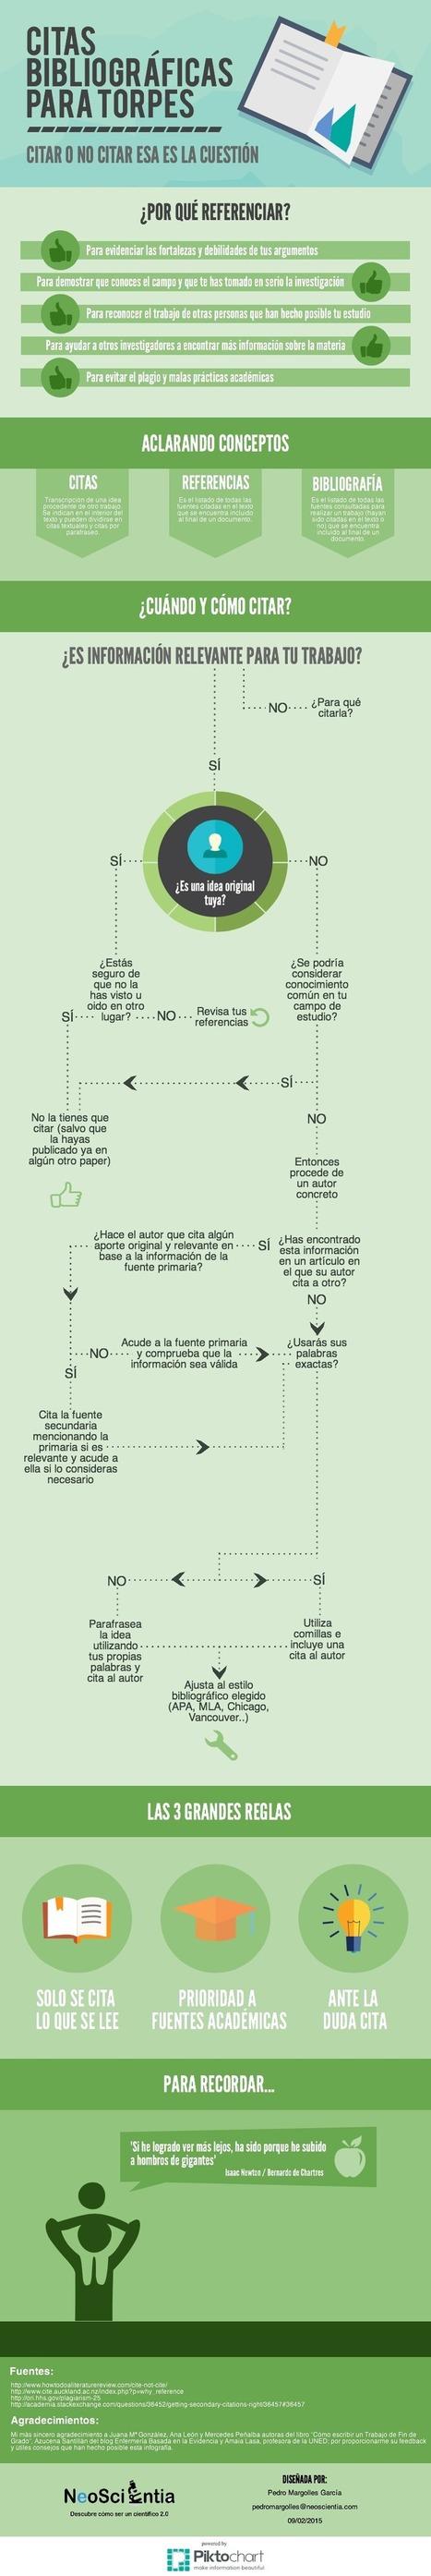 Infografía: Citas bibliográficas para torpes | Herramientas para investigadores | Scoop.it